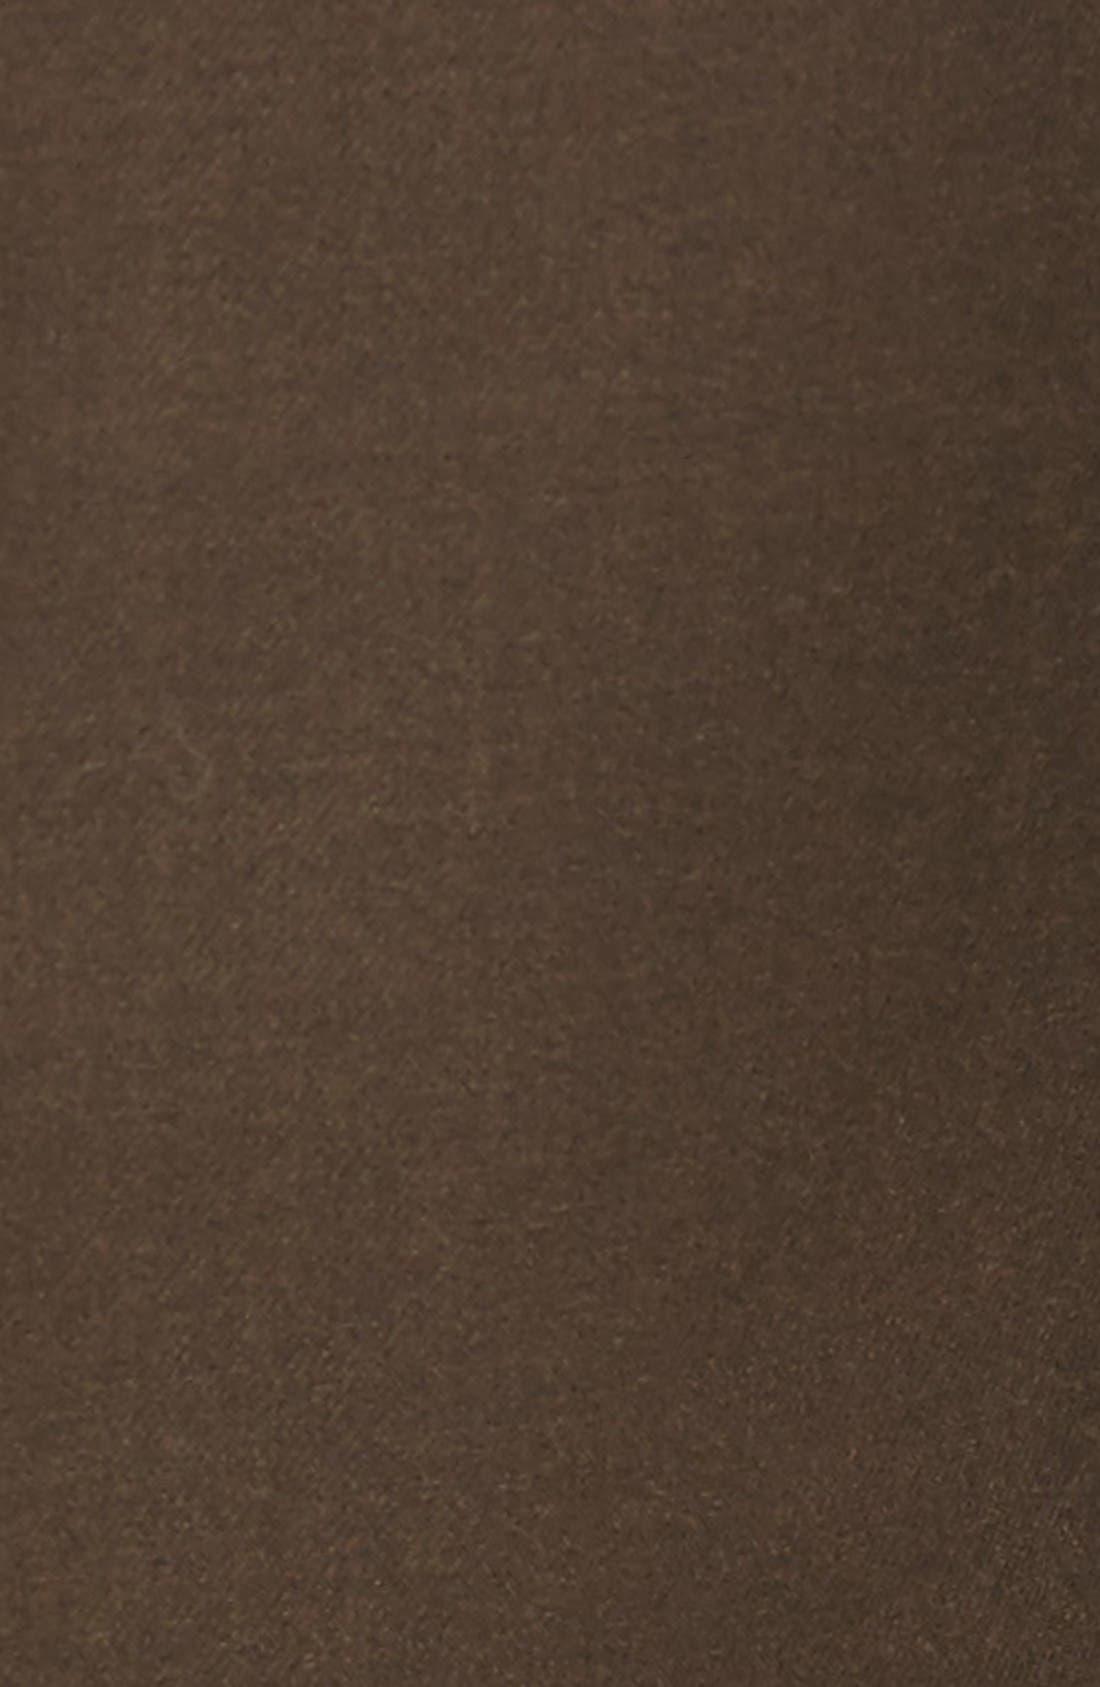 Alternate Image 5  - Linea Naturale Pleated Microfiber Dress Pants